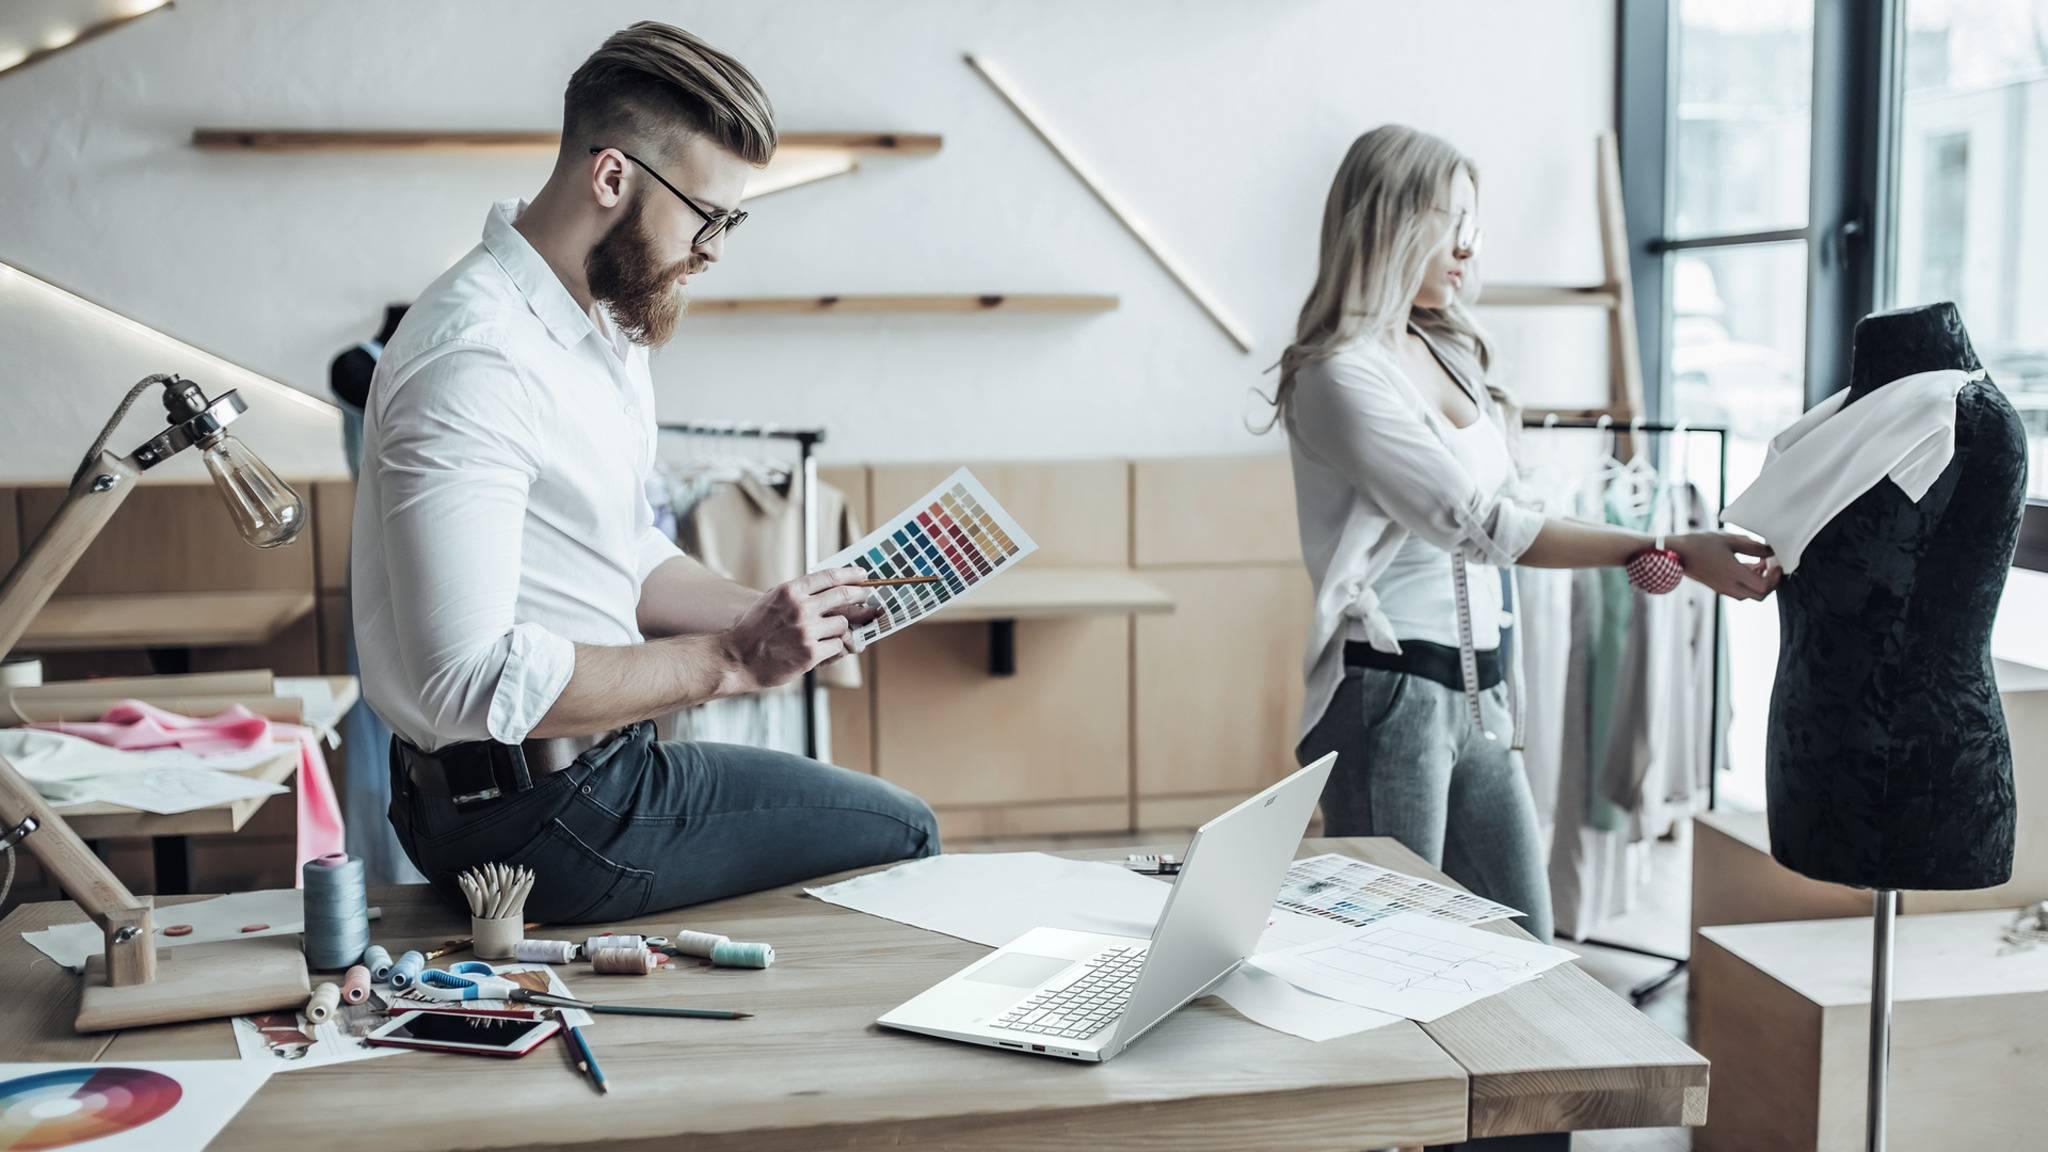 Das Acer Concept D5 richtet sich an Kreative wie Modedesigner.